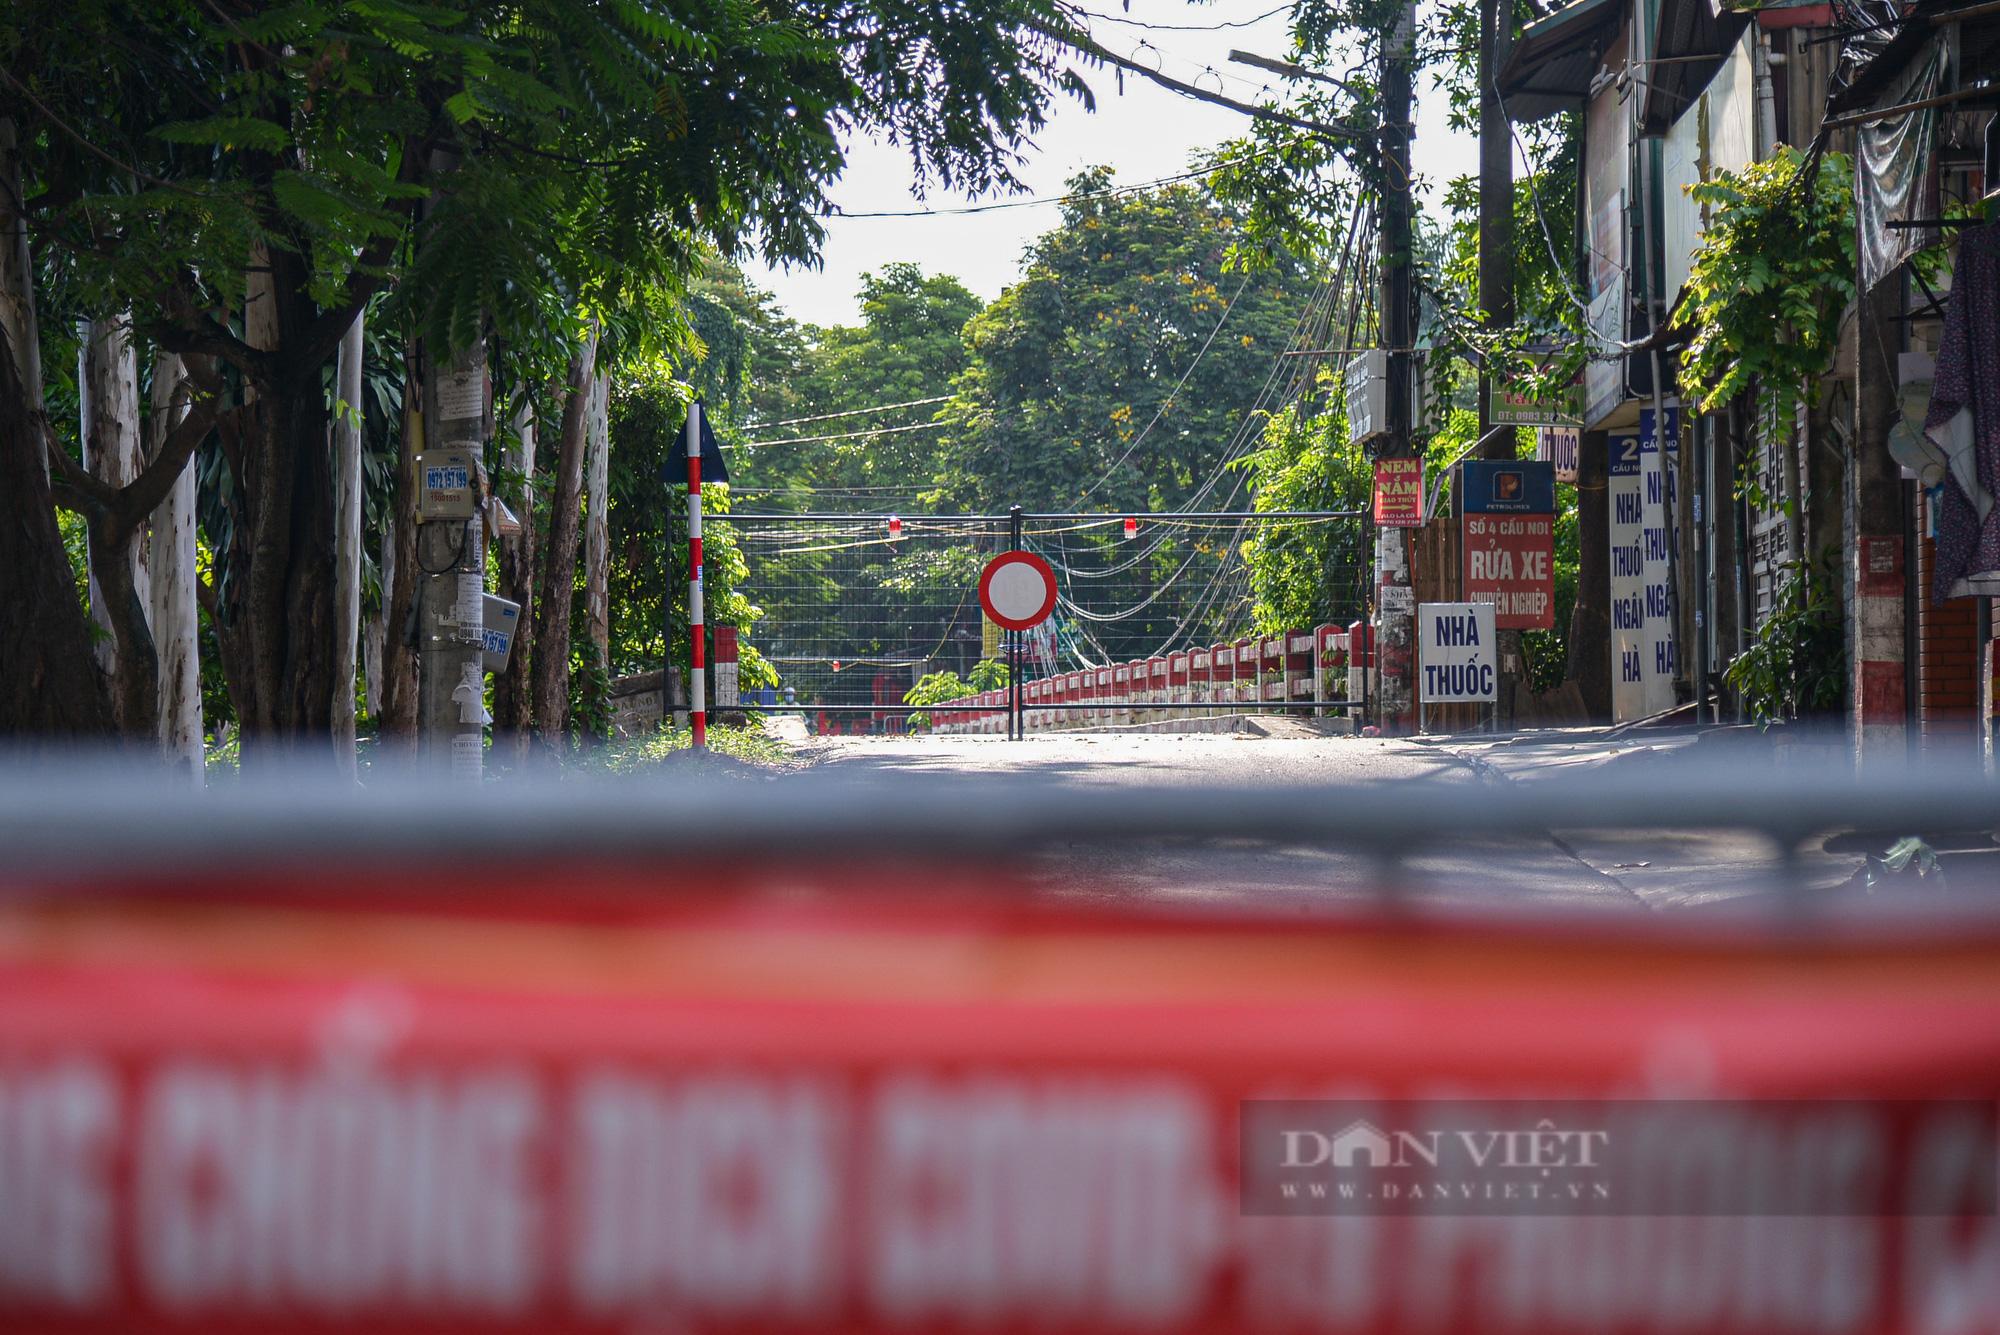 """Loạt tường rào biến mỗi địa phương trở thành một """"pháo đài"""" tại Hà Nội - Ảnh 5."""